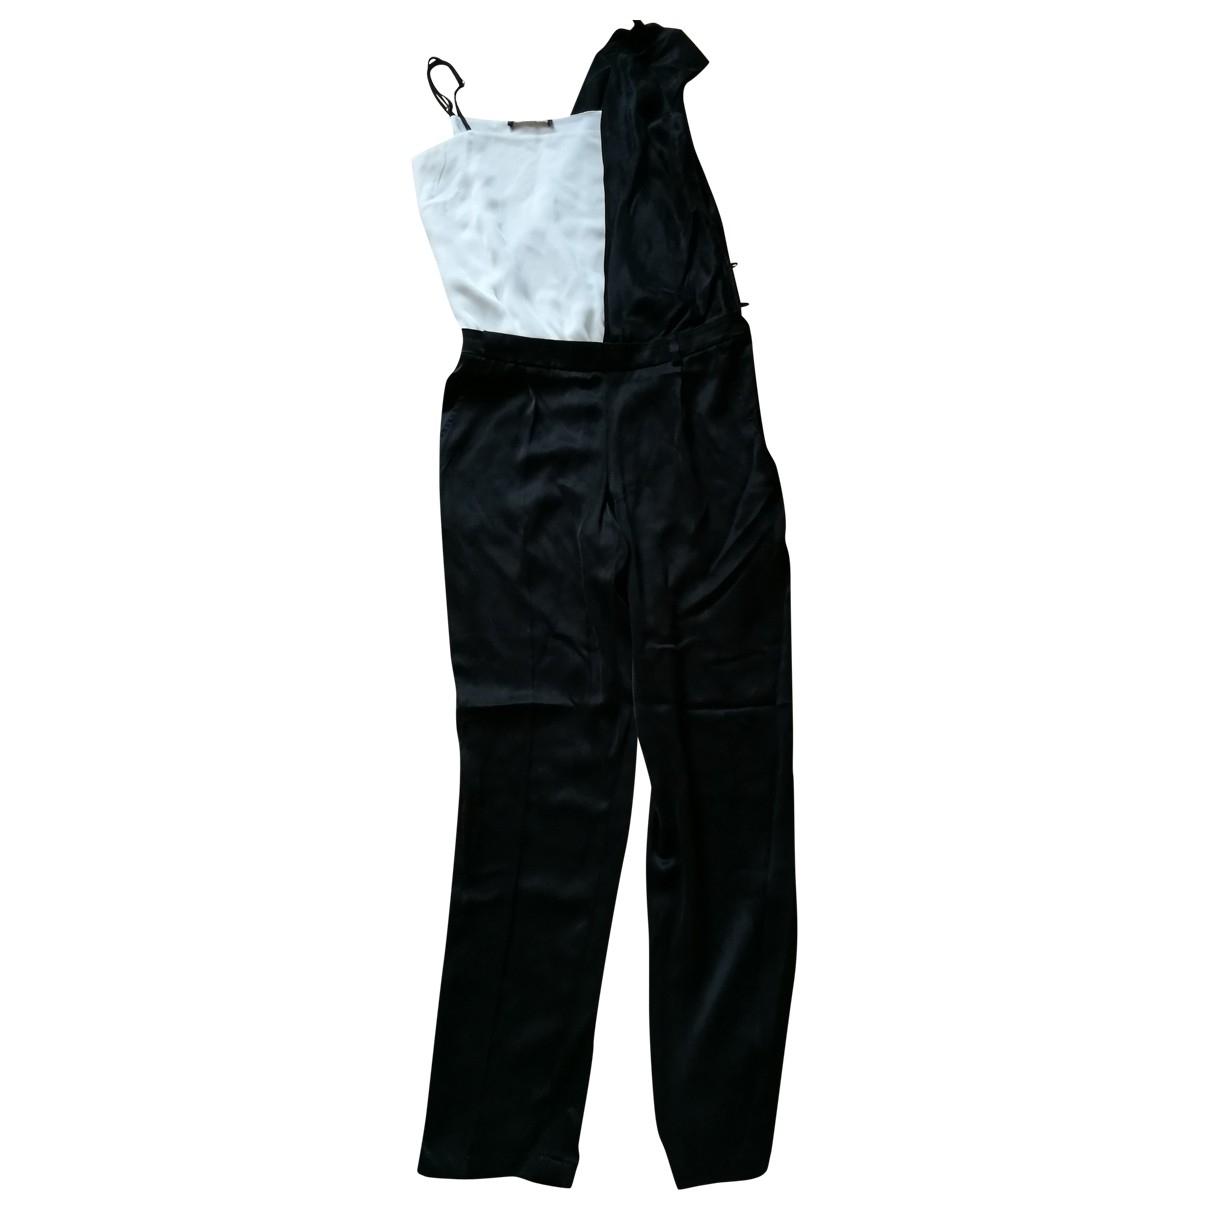 Liu.jo - Combinaison   pour femme en soie - noir